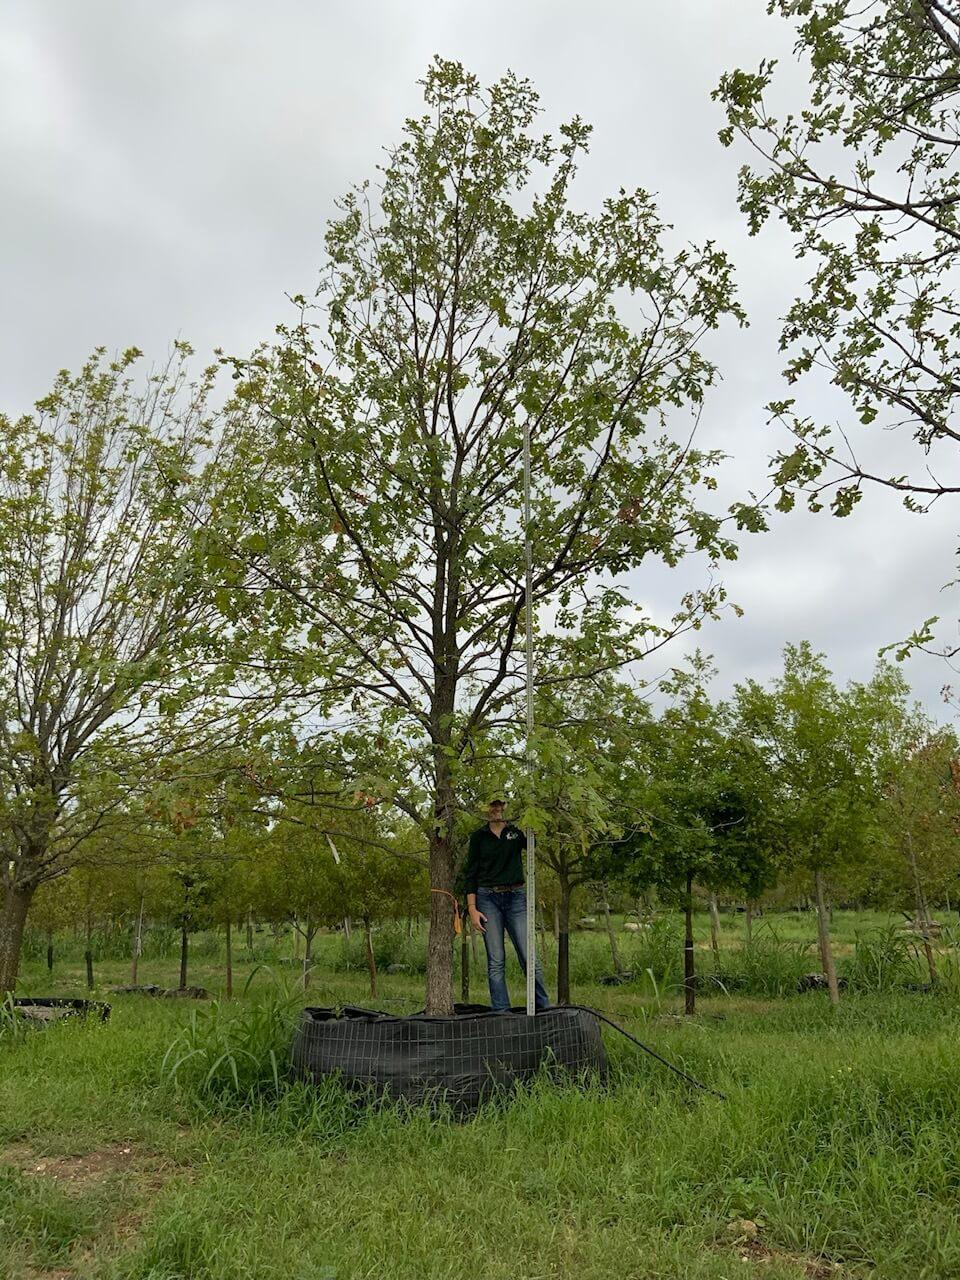 10 inch burr oak trees